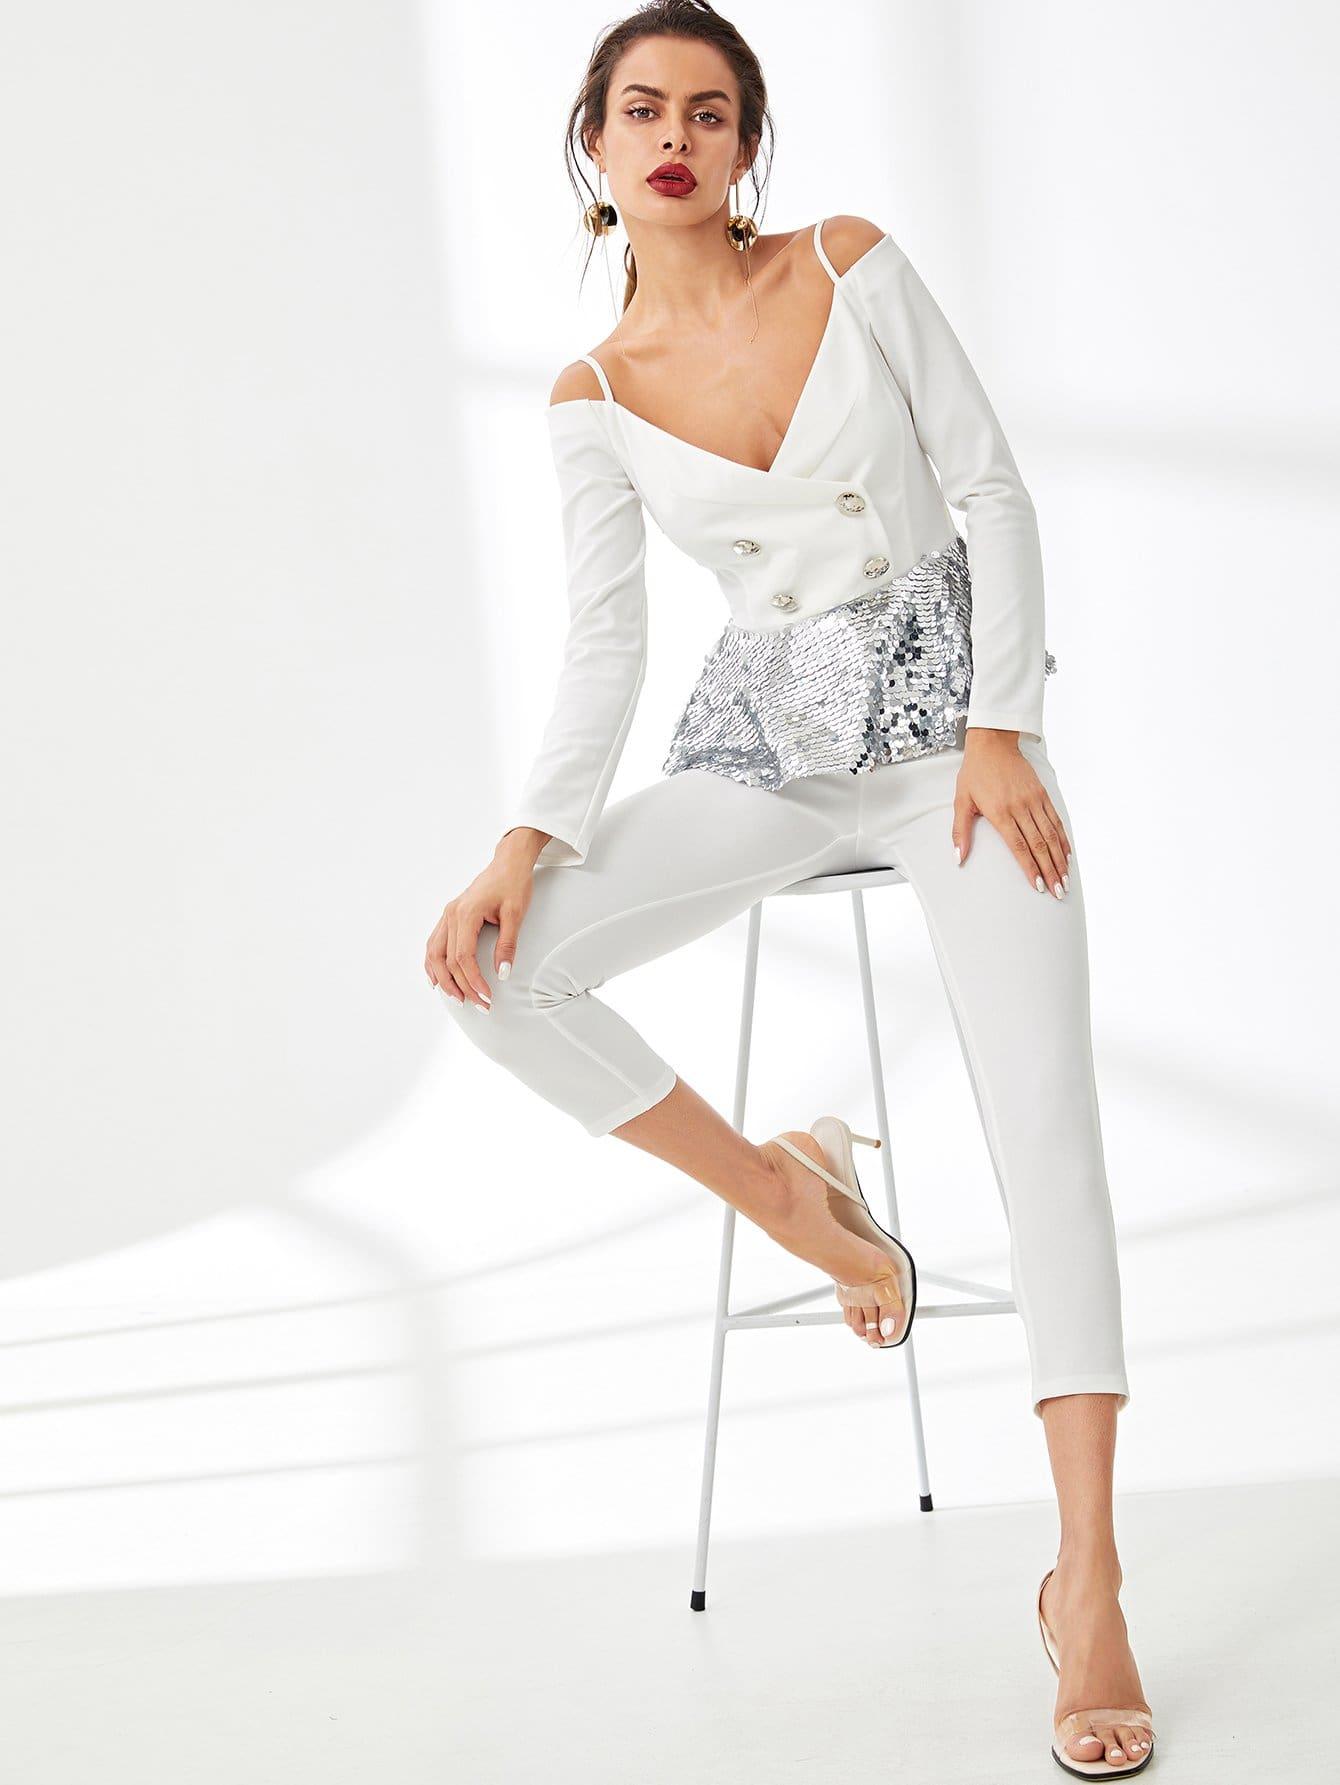 Купить Холодный наплеч Sequin Peplum Top & Pants Set, Andy, SheIn